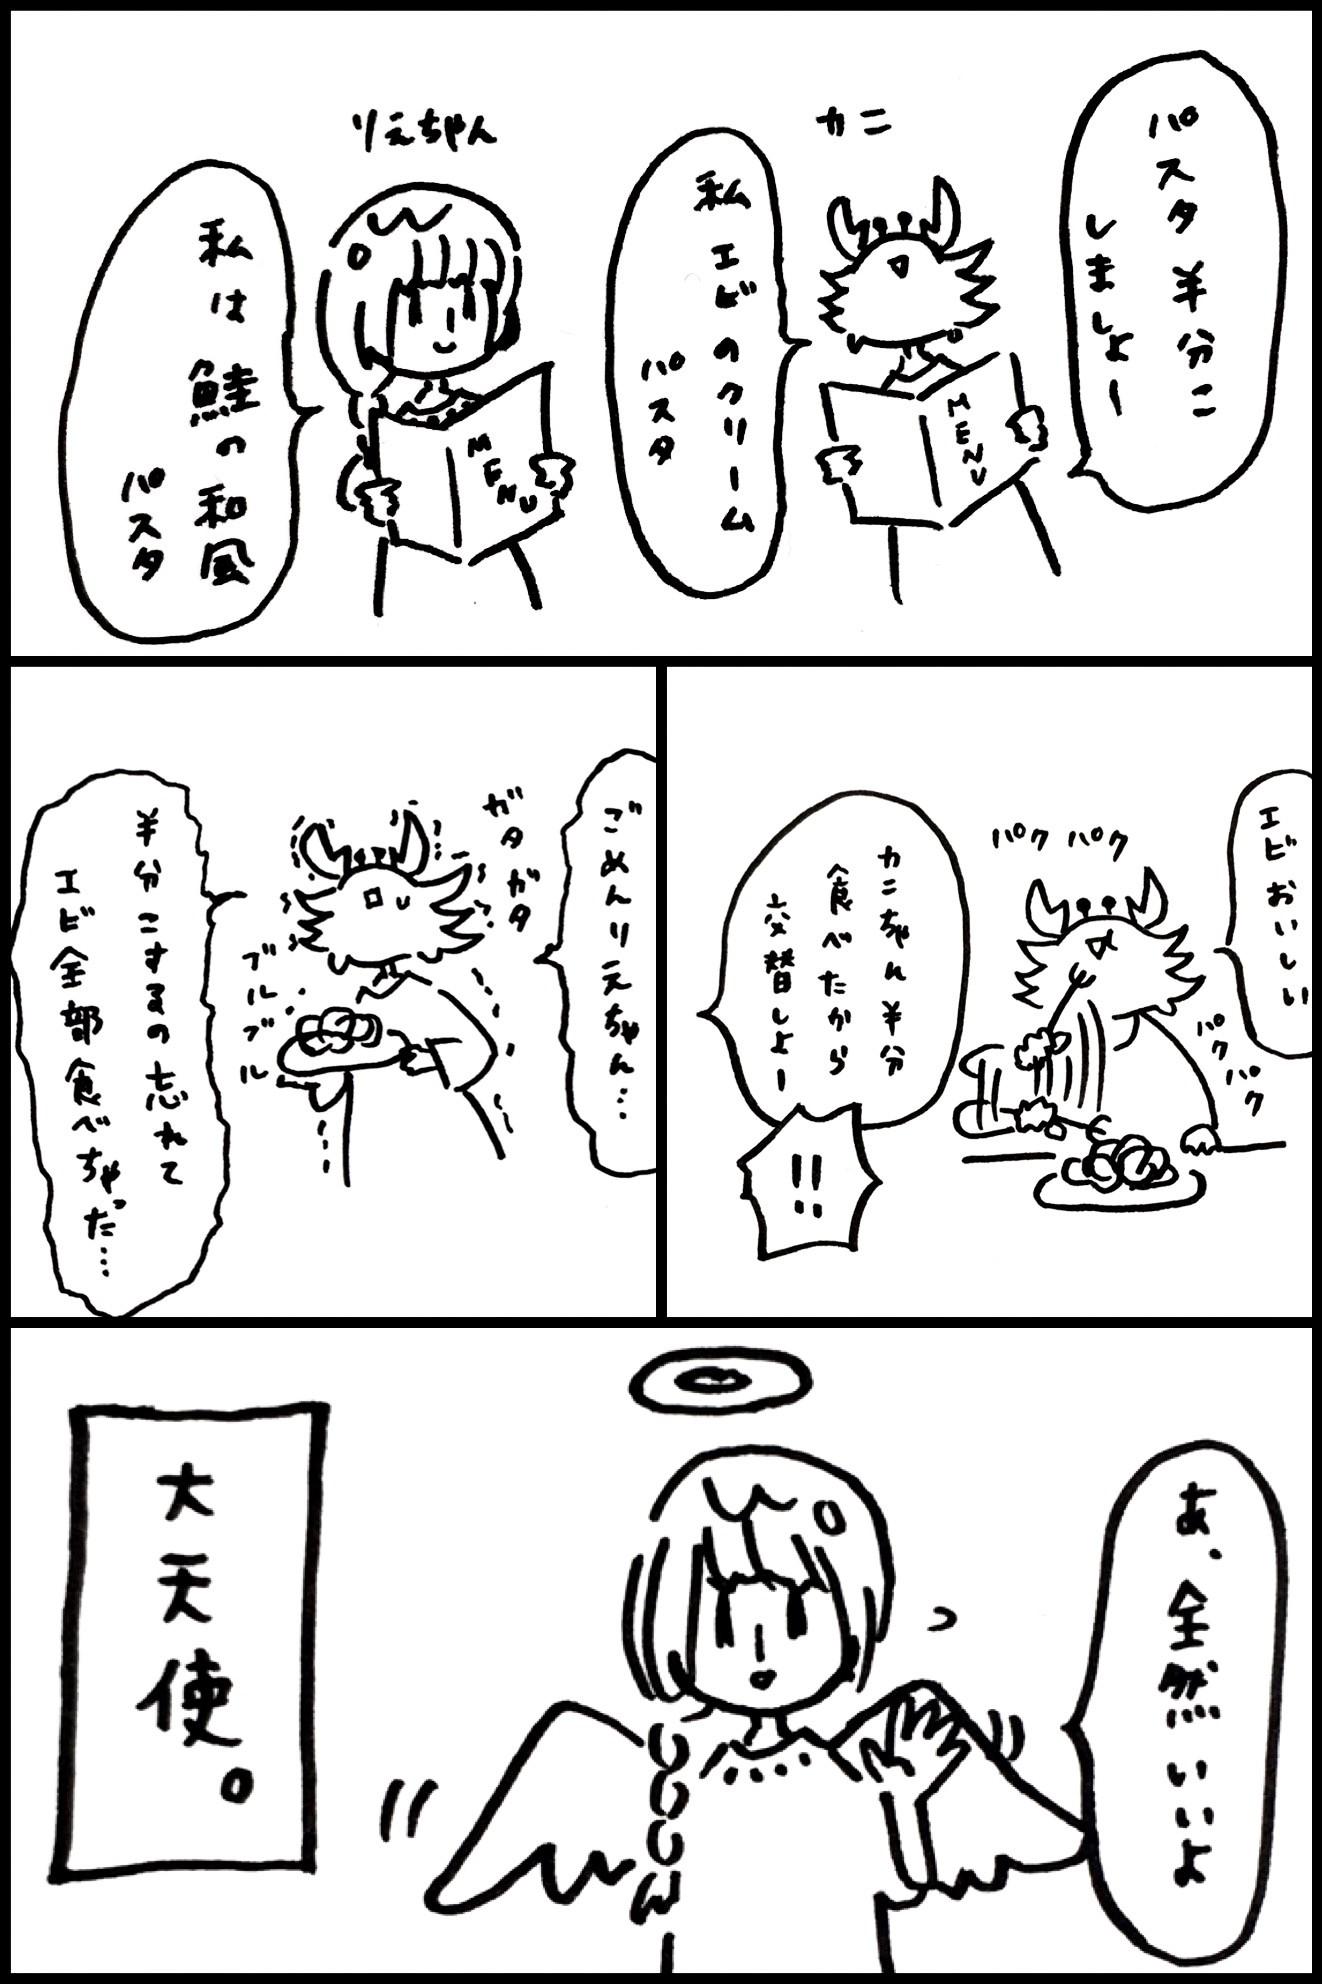 arkm3